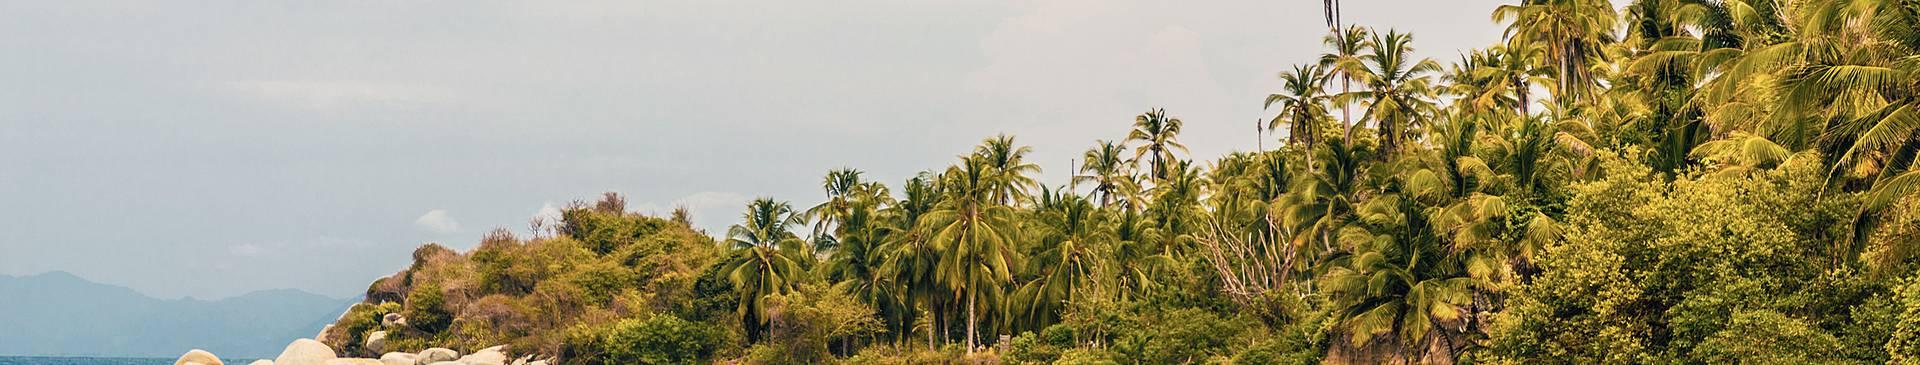 Playas de Colombia